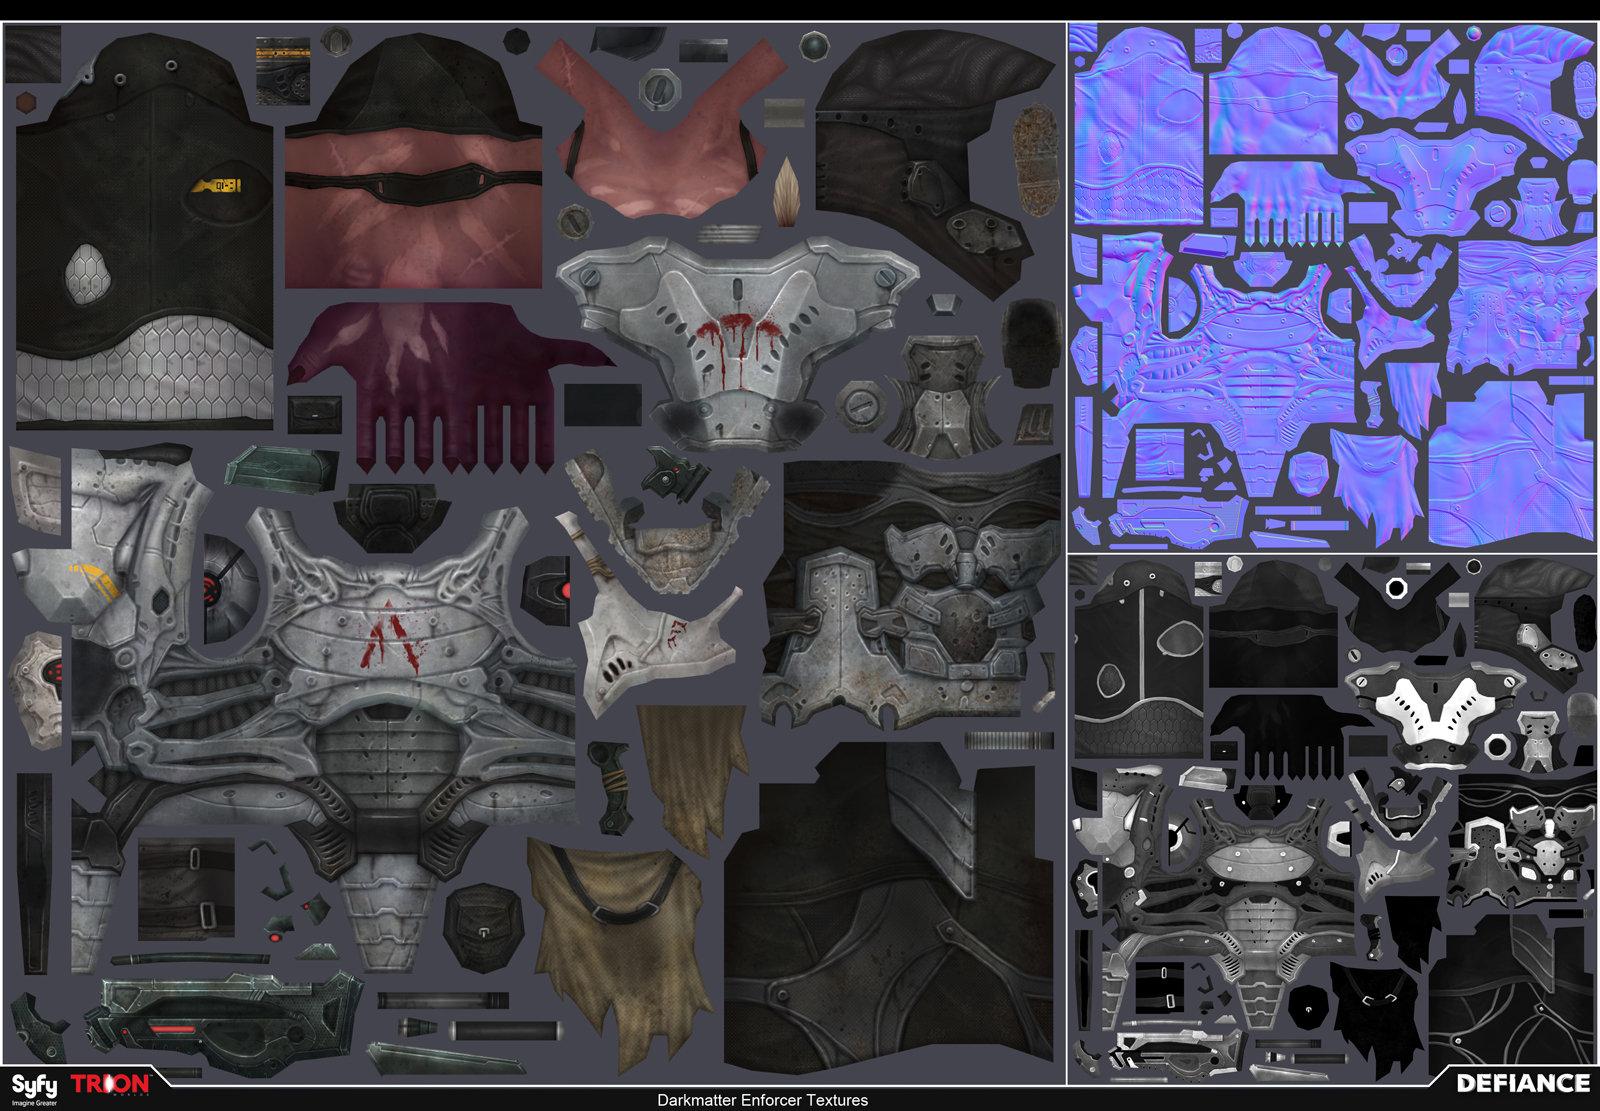 Npc darkmatter enforcer textures